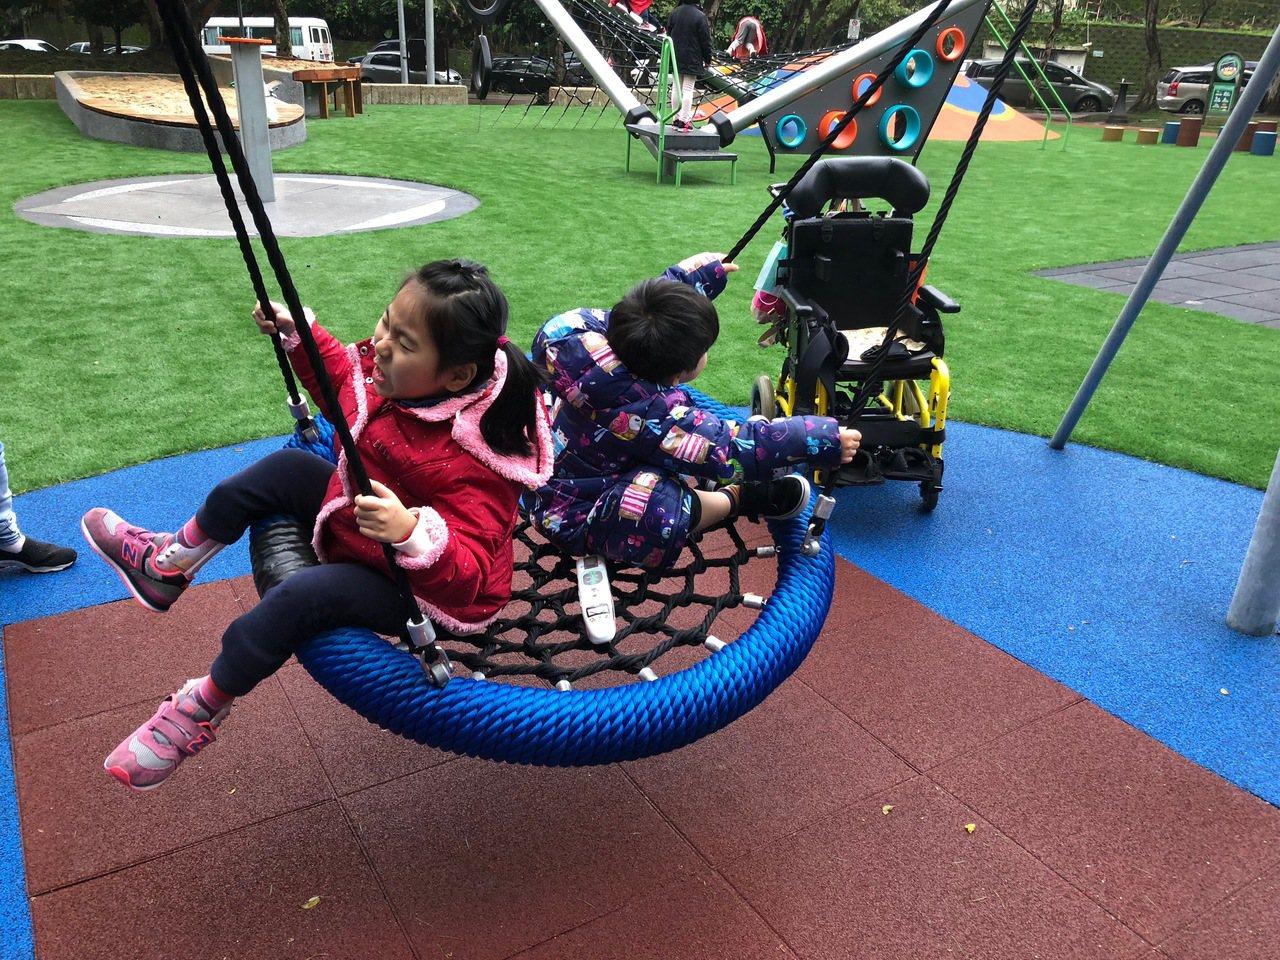 為了讓身障女兒能與其他孩子一樣玩樂,鄭淑娟與其他家長推動對身障兒友善的共融遊戲場...